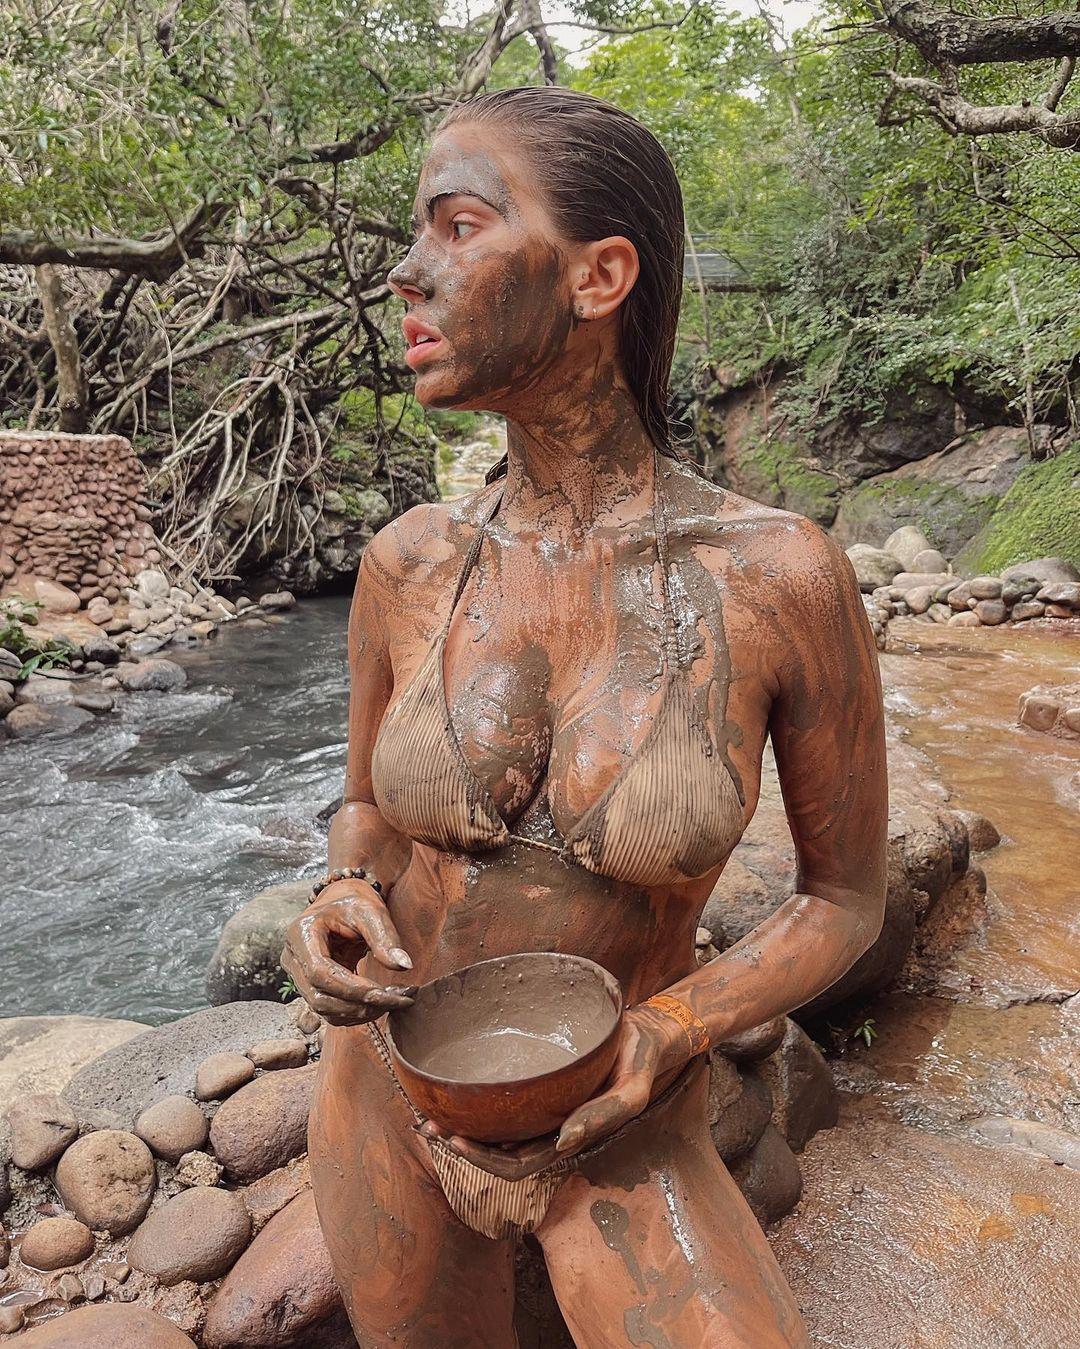 Kara-Del-Toro-Hot-6-thefappeningblog.com_.jpg